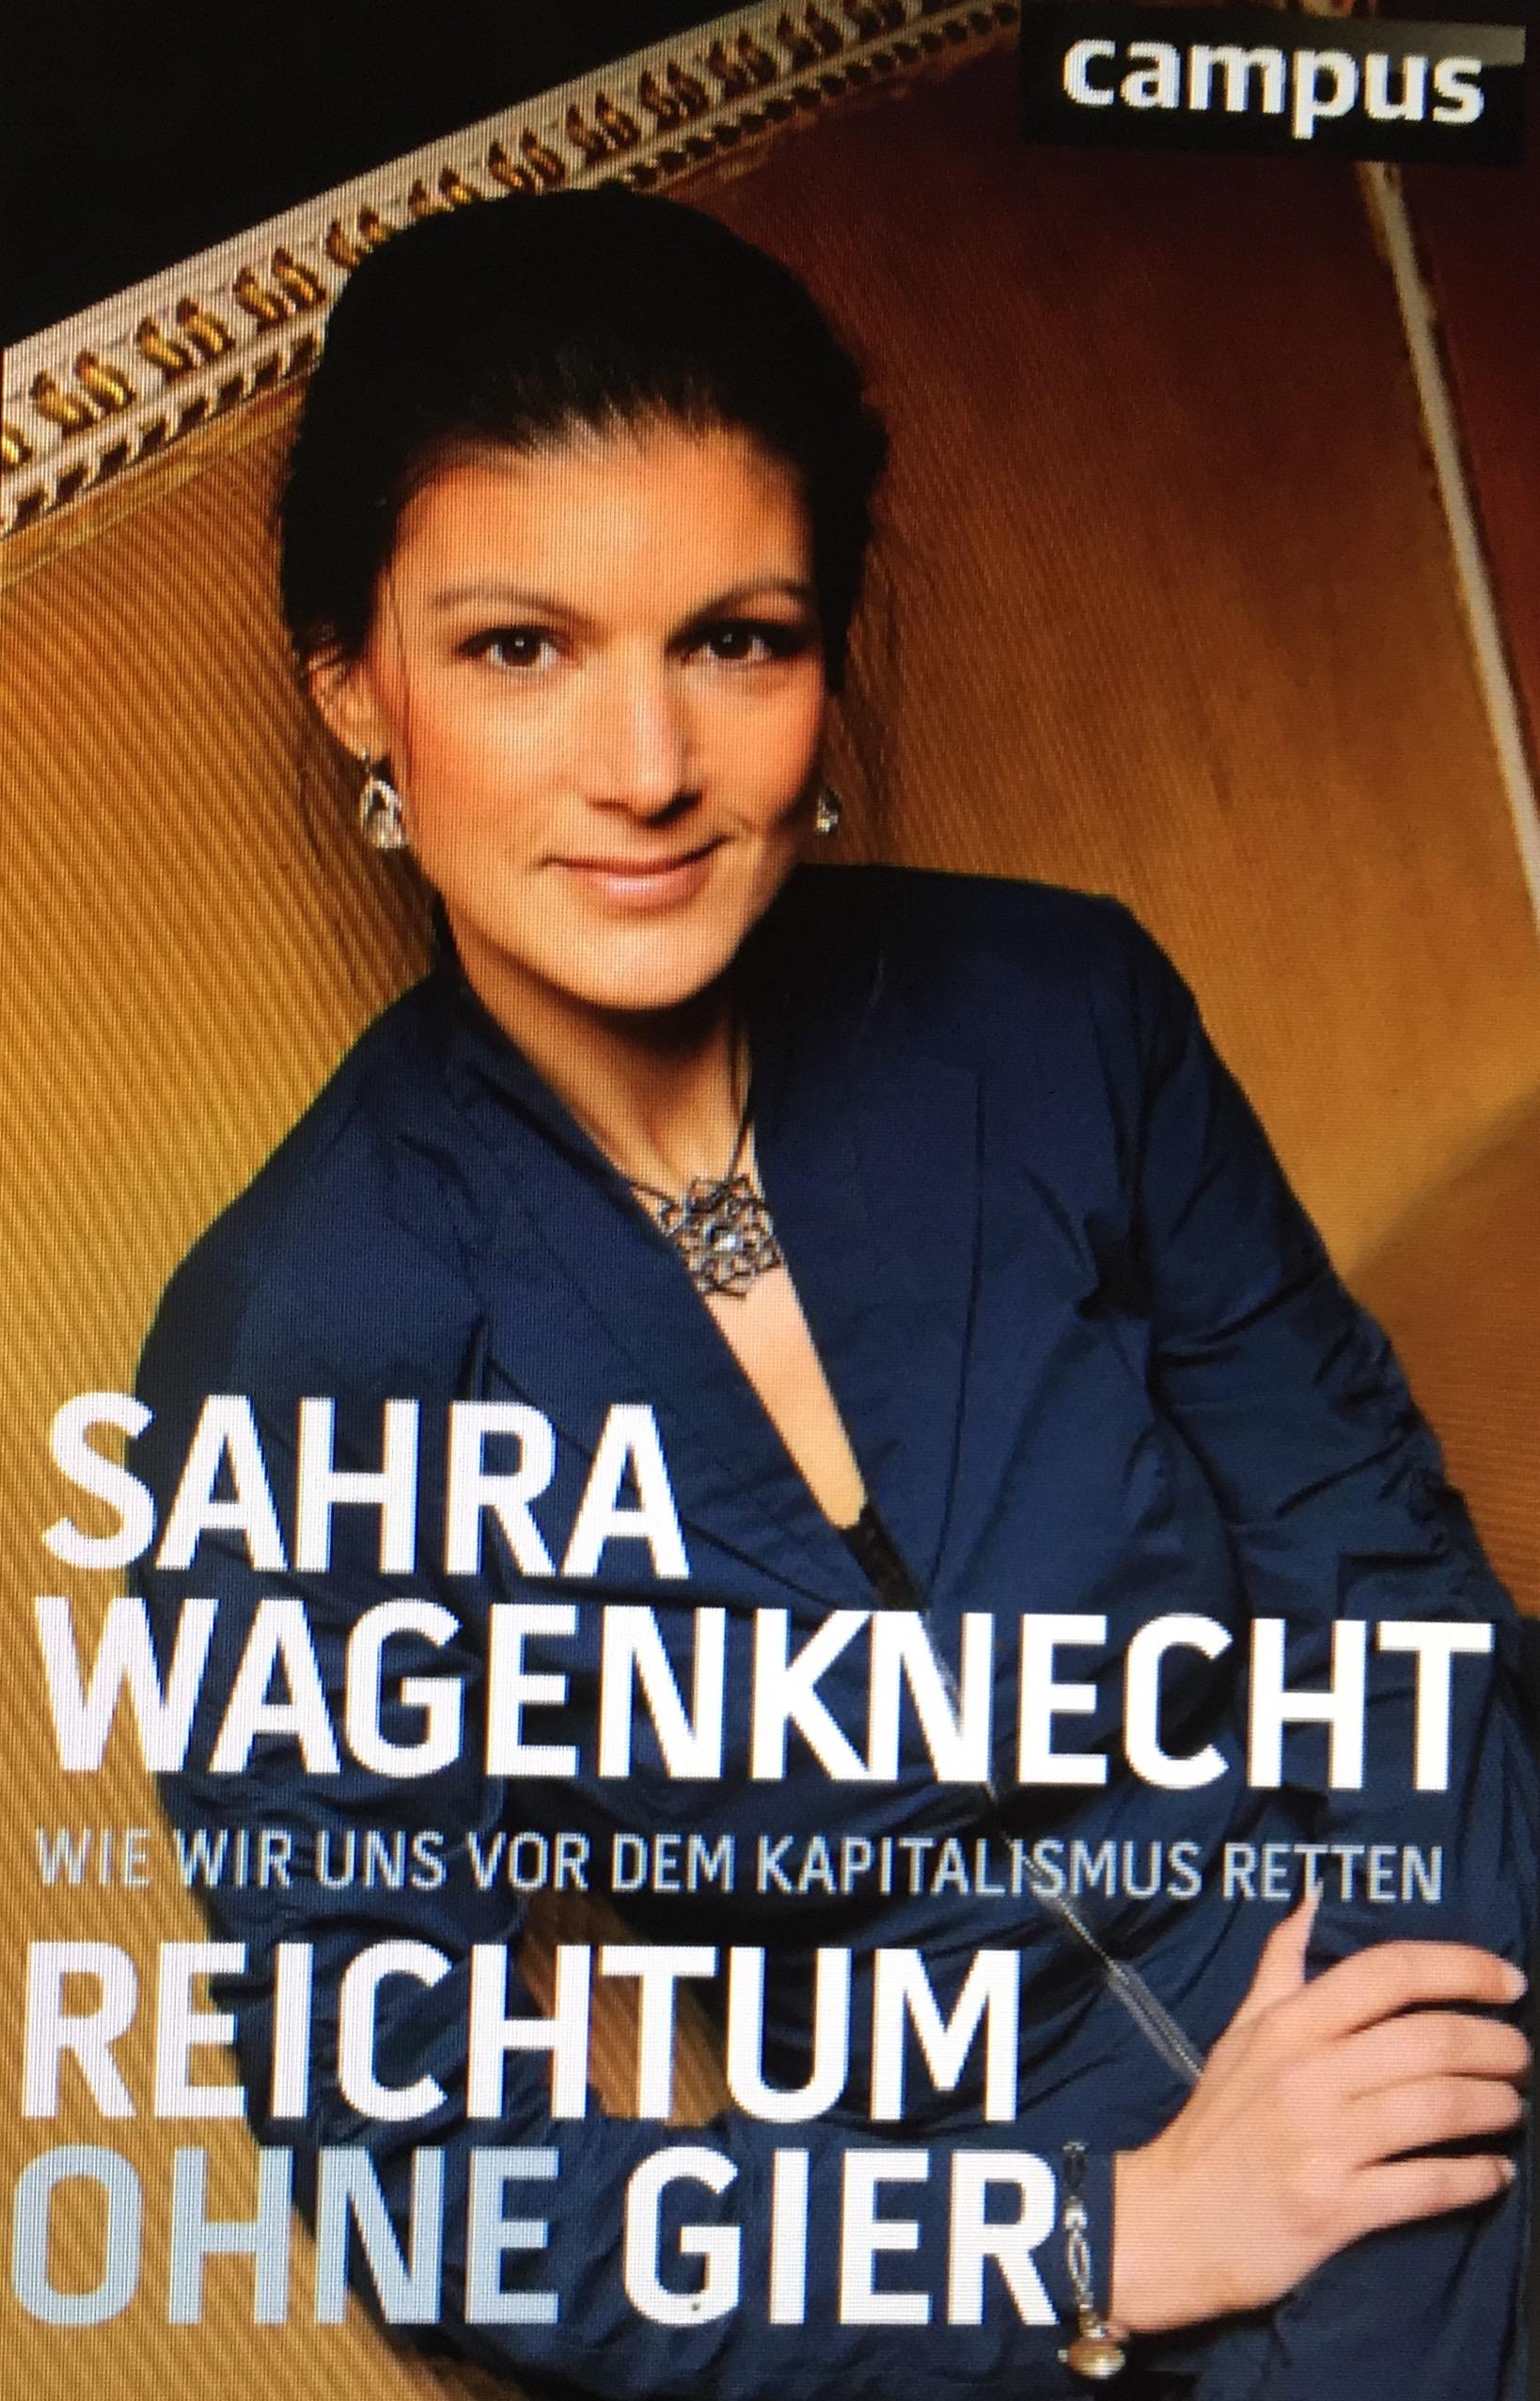 """Das neue Buch der Vorsitzenden der Linksfraktion im Deutschen Bundestag und Volkswirtin Sarah Wagenknecht: """"Reichtum ohne Gier - Wie wir uns vor dem Kapitalismus retten"""""""